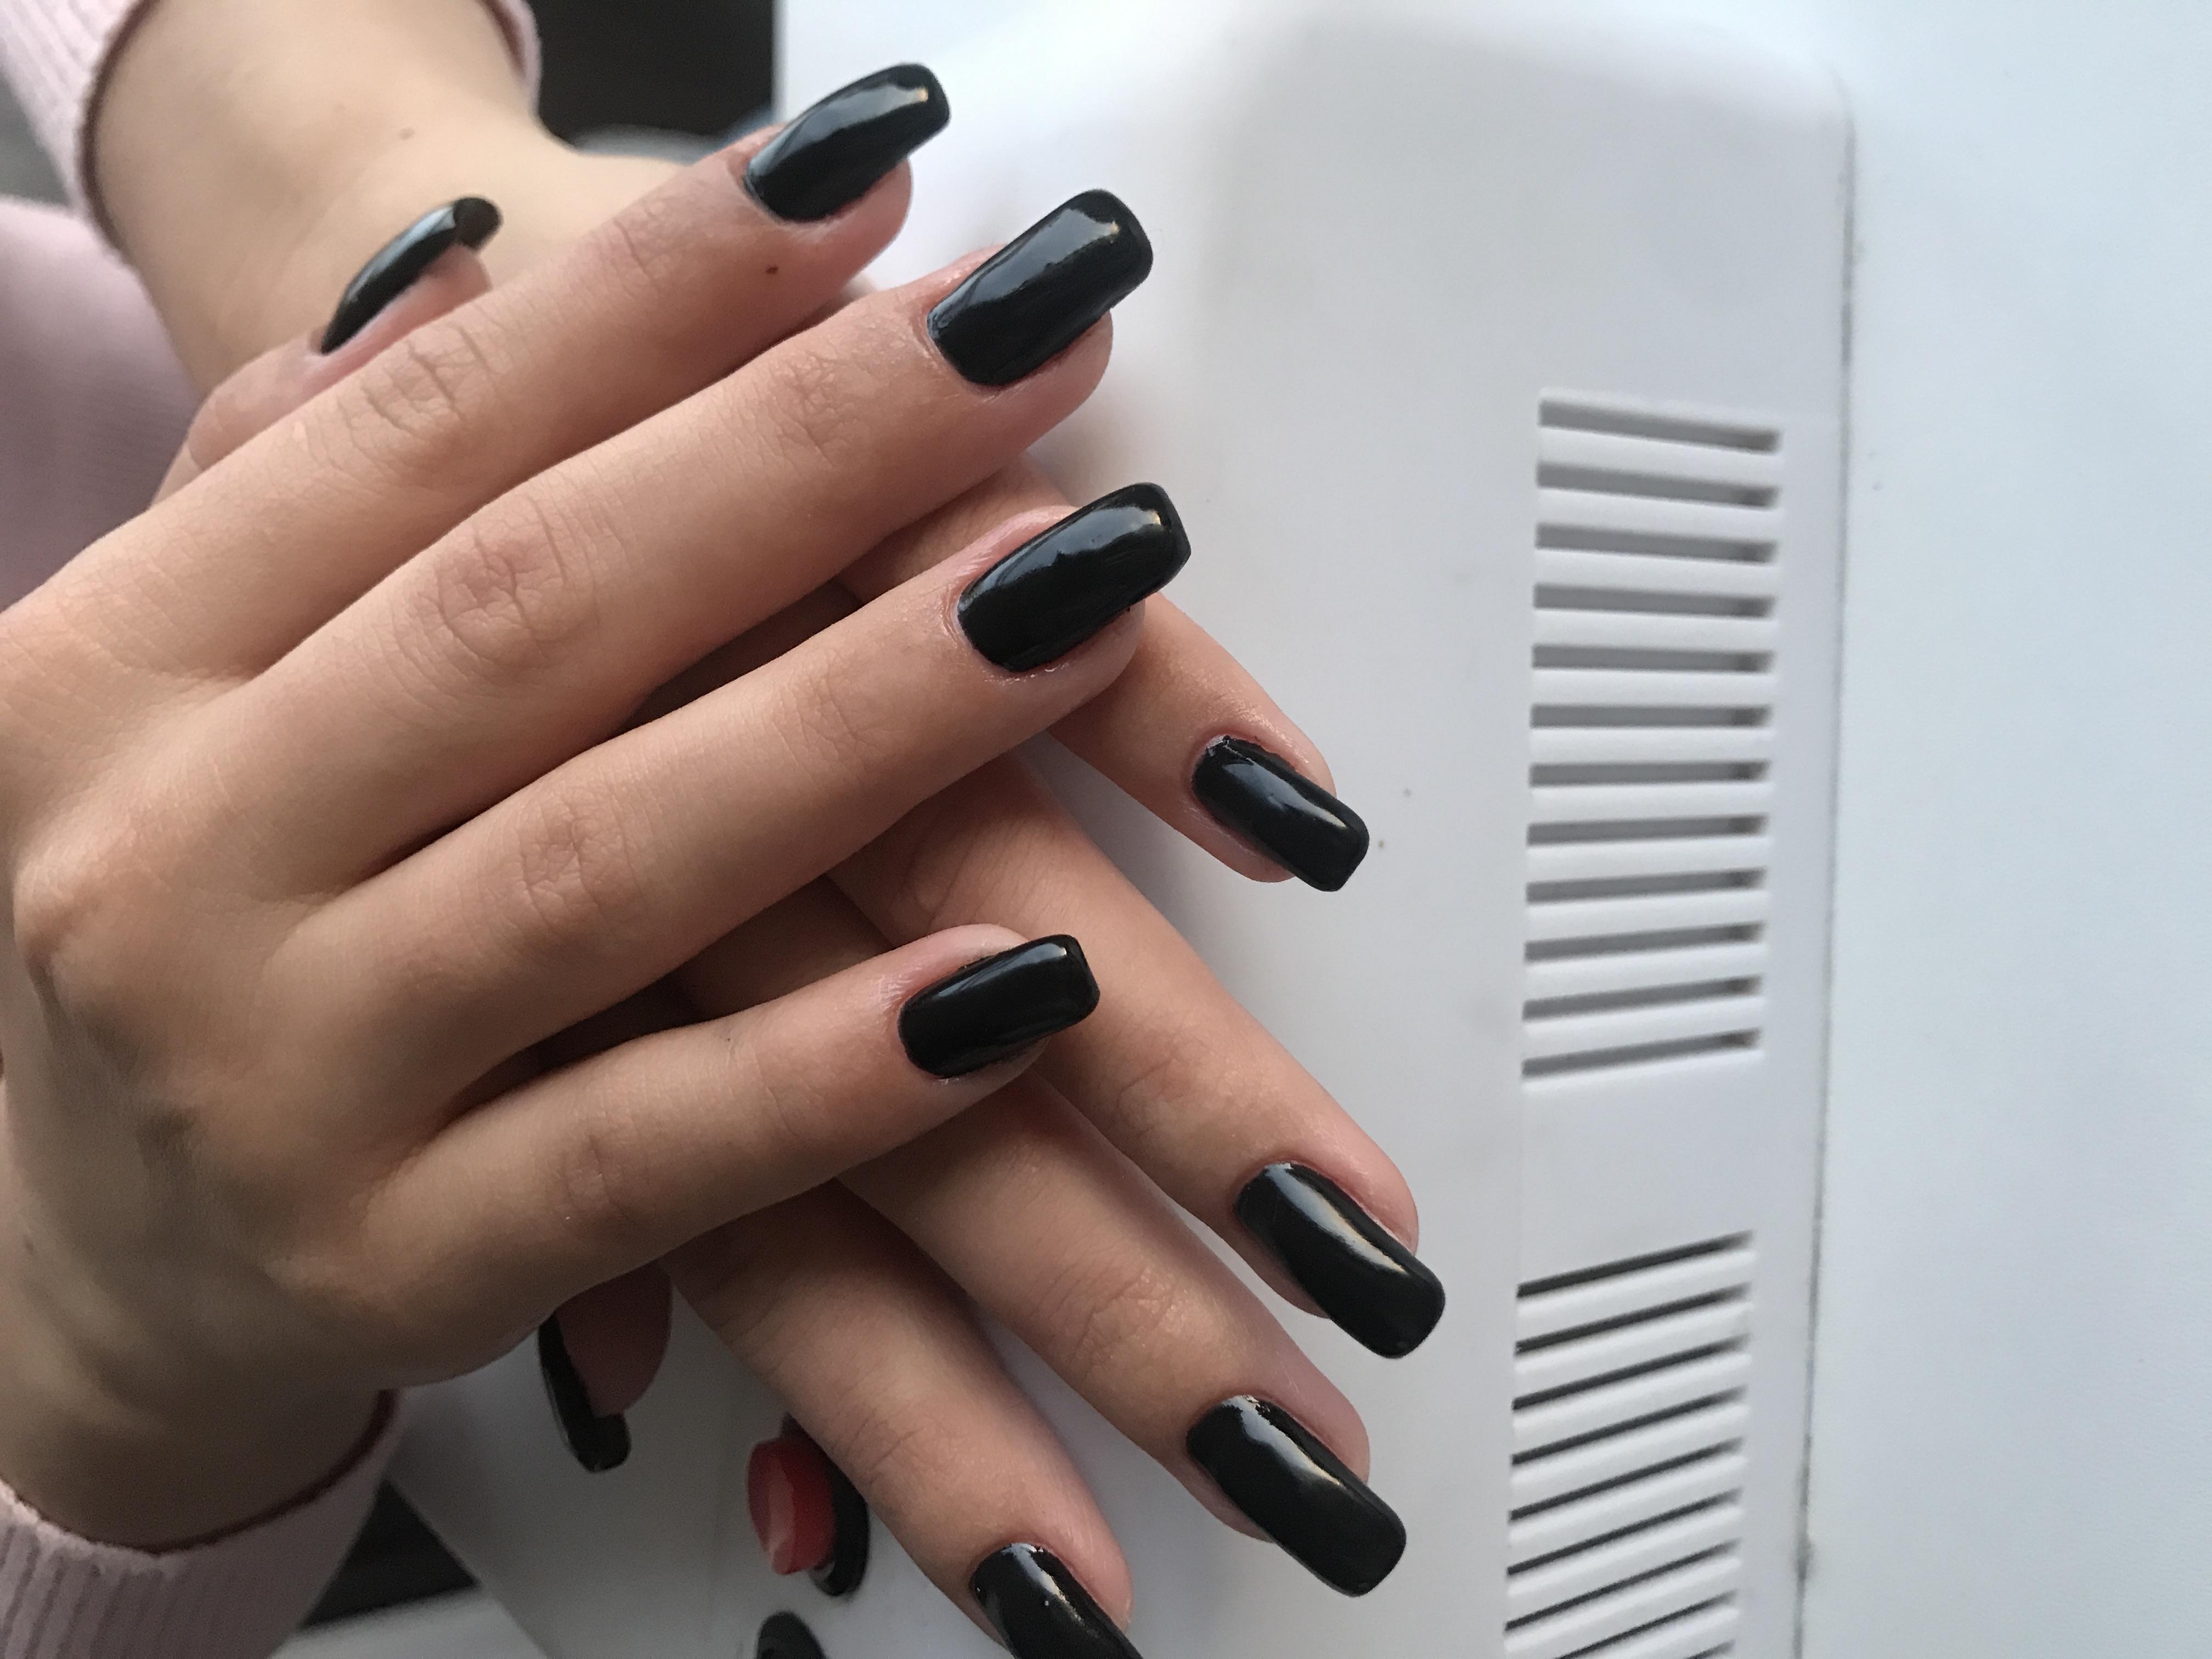 Маникюр в черном цвете на длинные ногти.